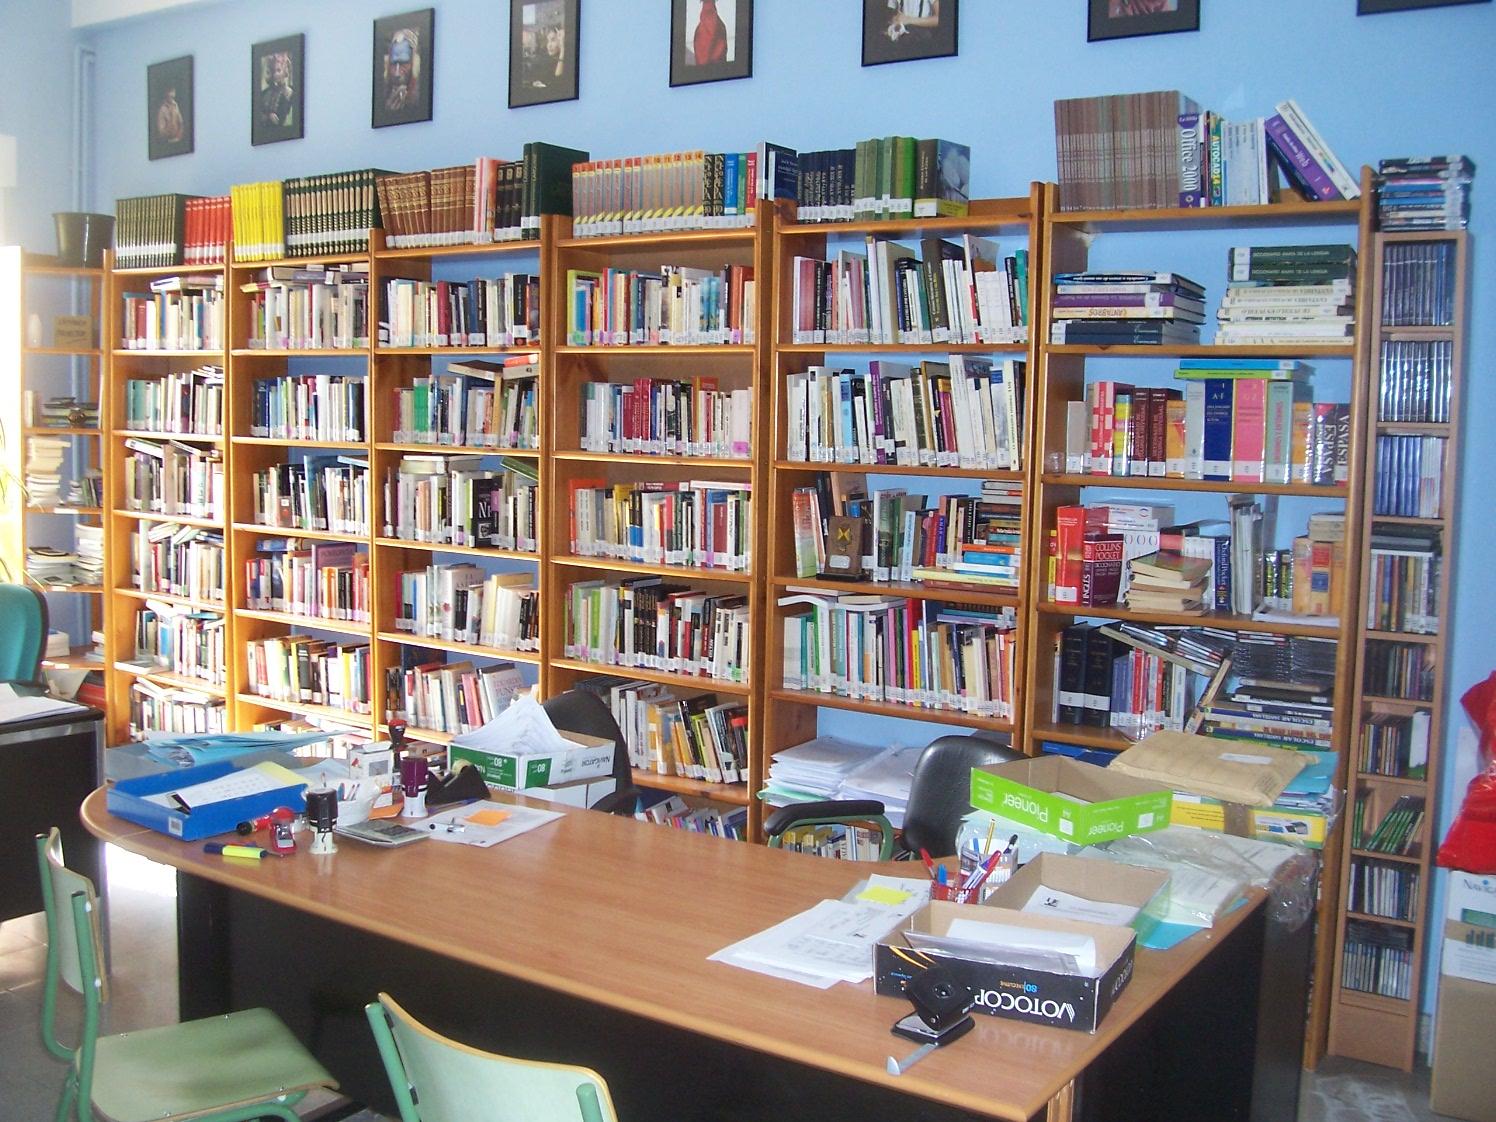 Tabl n divulgativo del cepa caligrama de torrelavega nuestra biblioteca - Librerias torrelavega ...